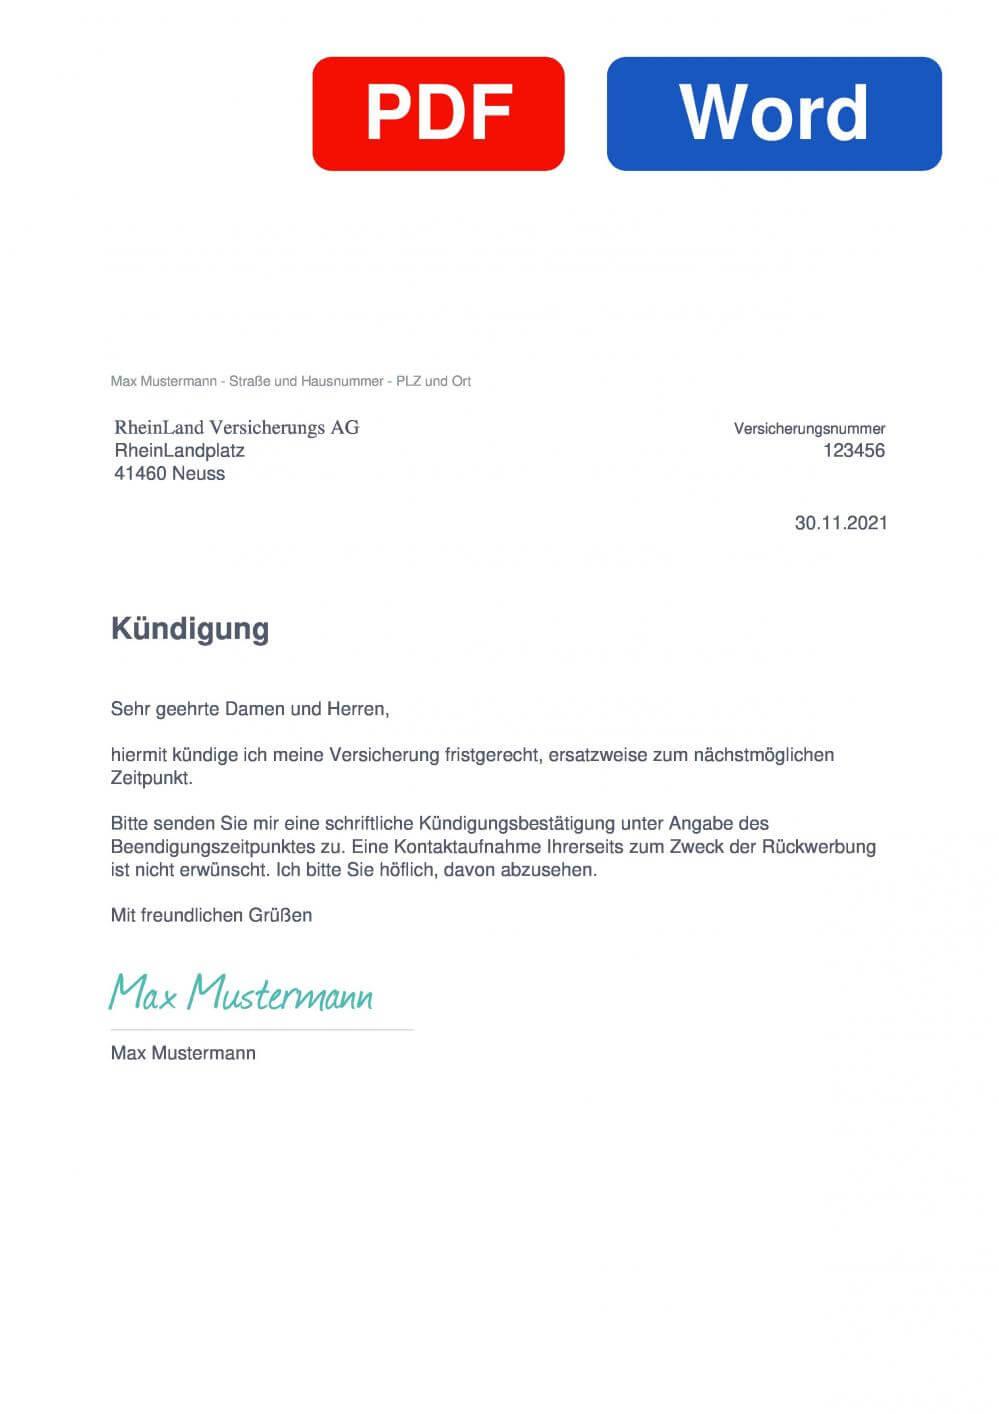 Rheinland Lebensversicherung Muster Vorlage für Kündigungsschreiben